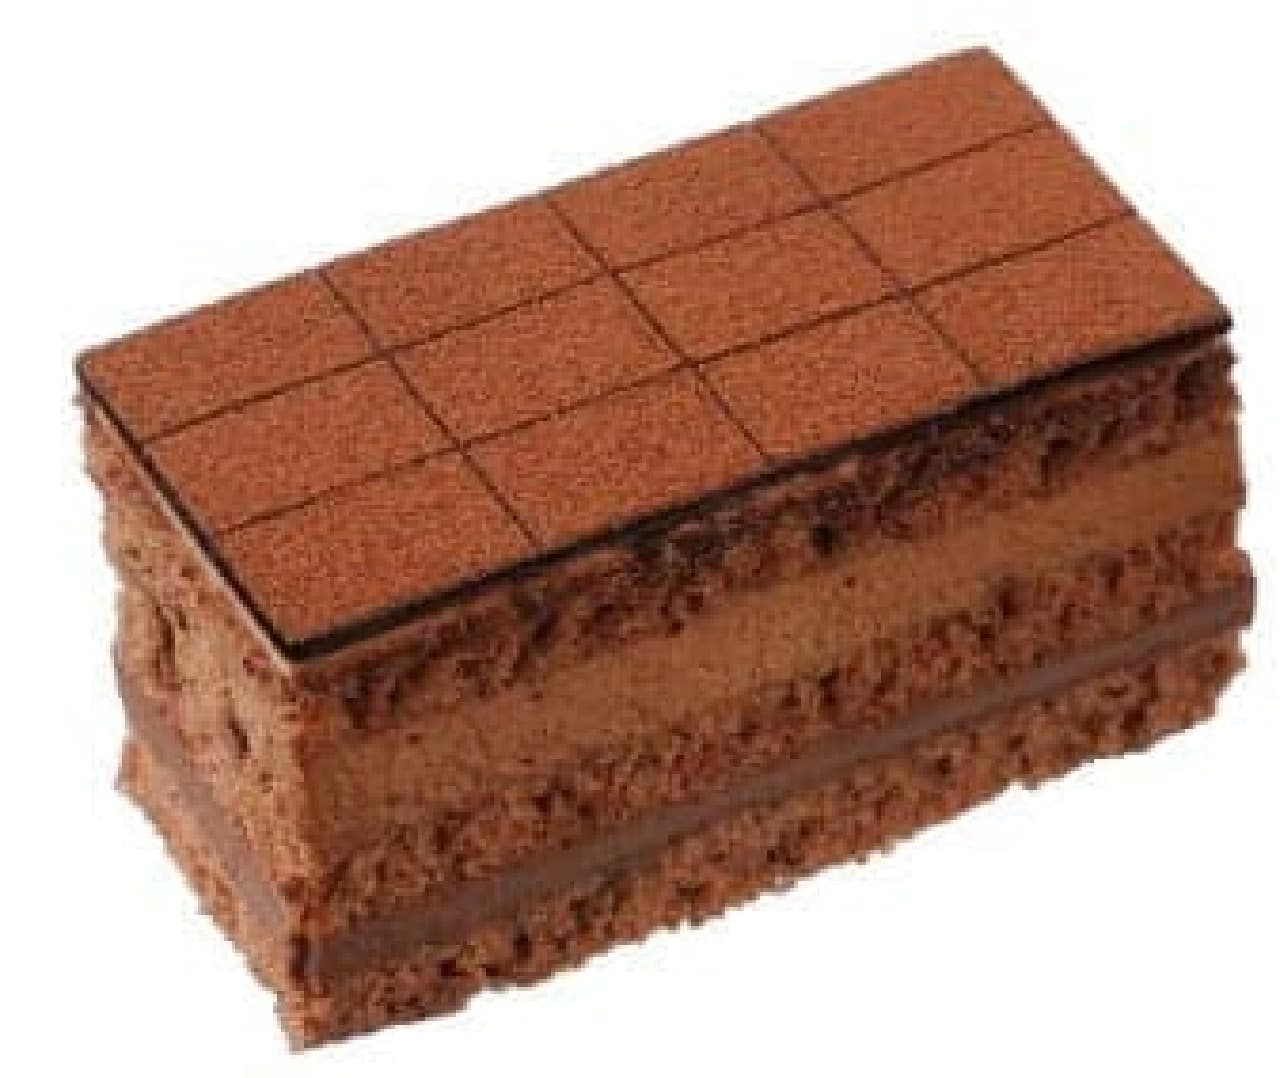 「銀座のレンガ 生チョコケーキ」